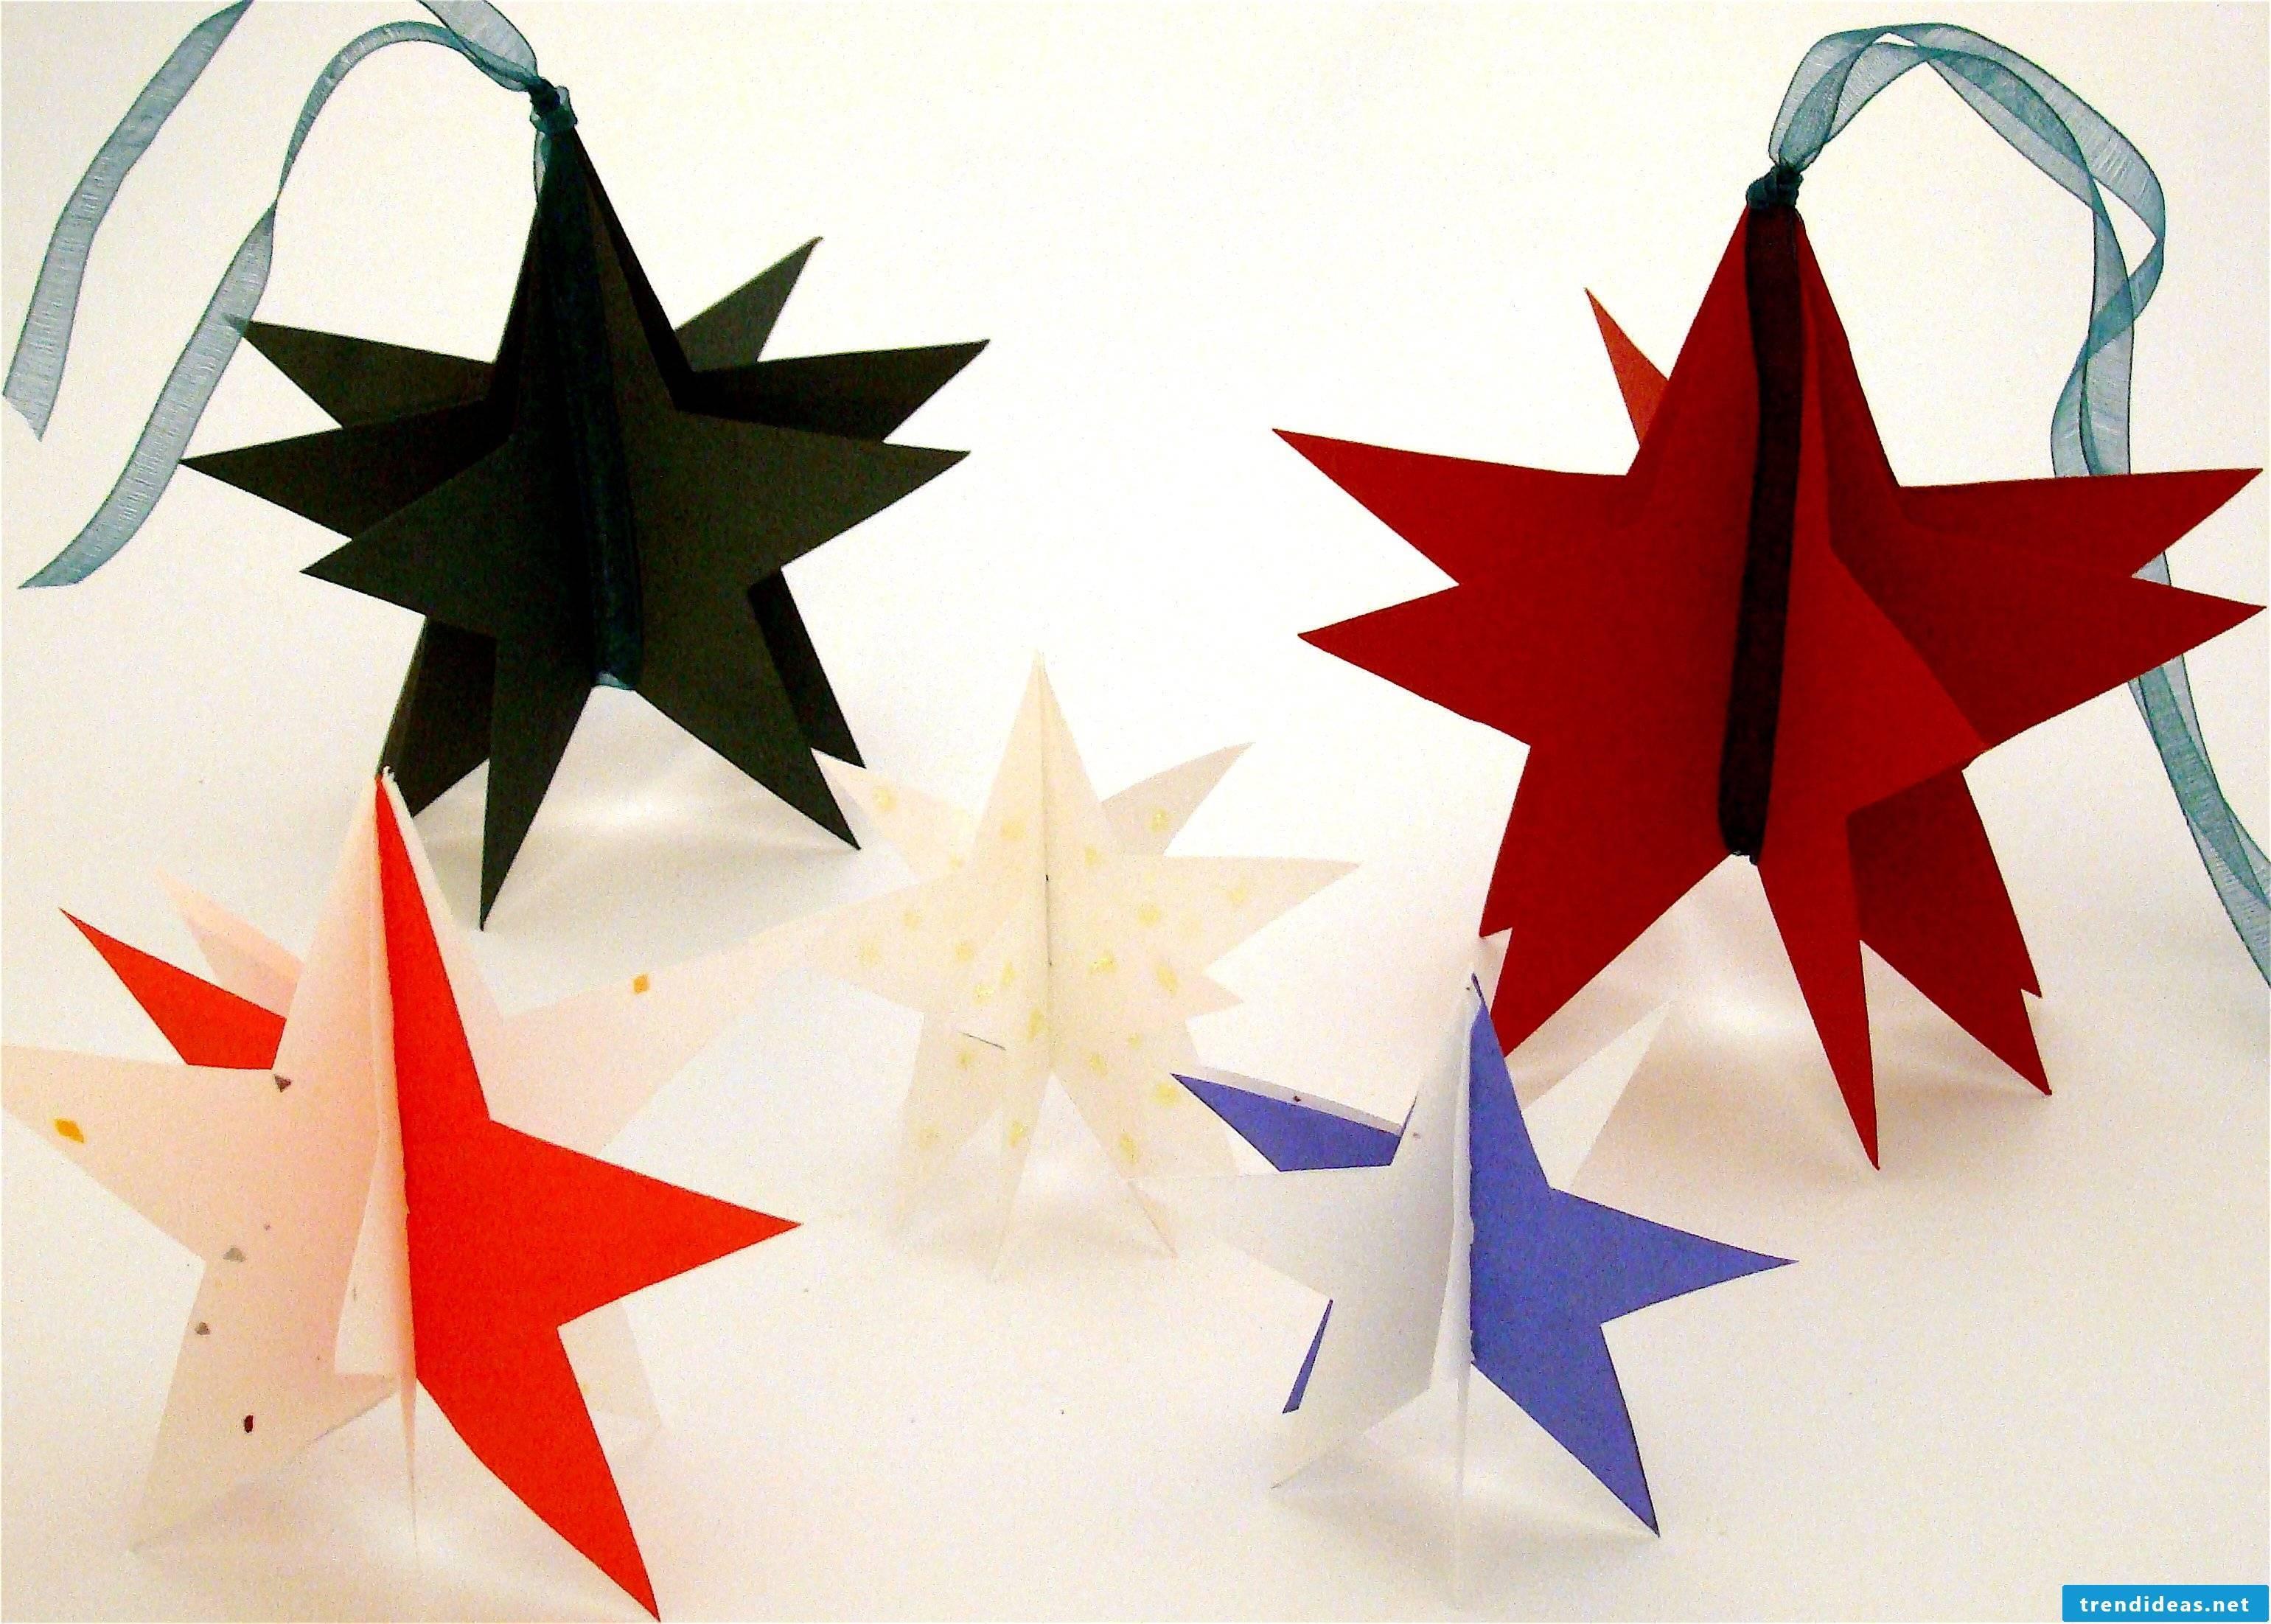 Tinker 3D Christmas stars